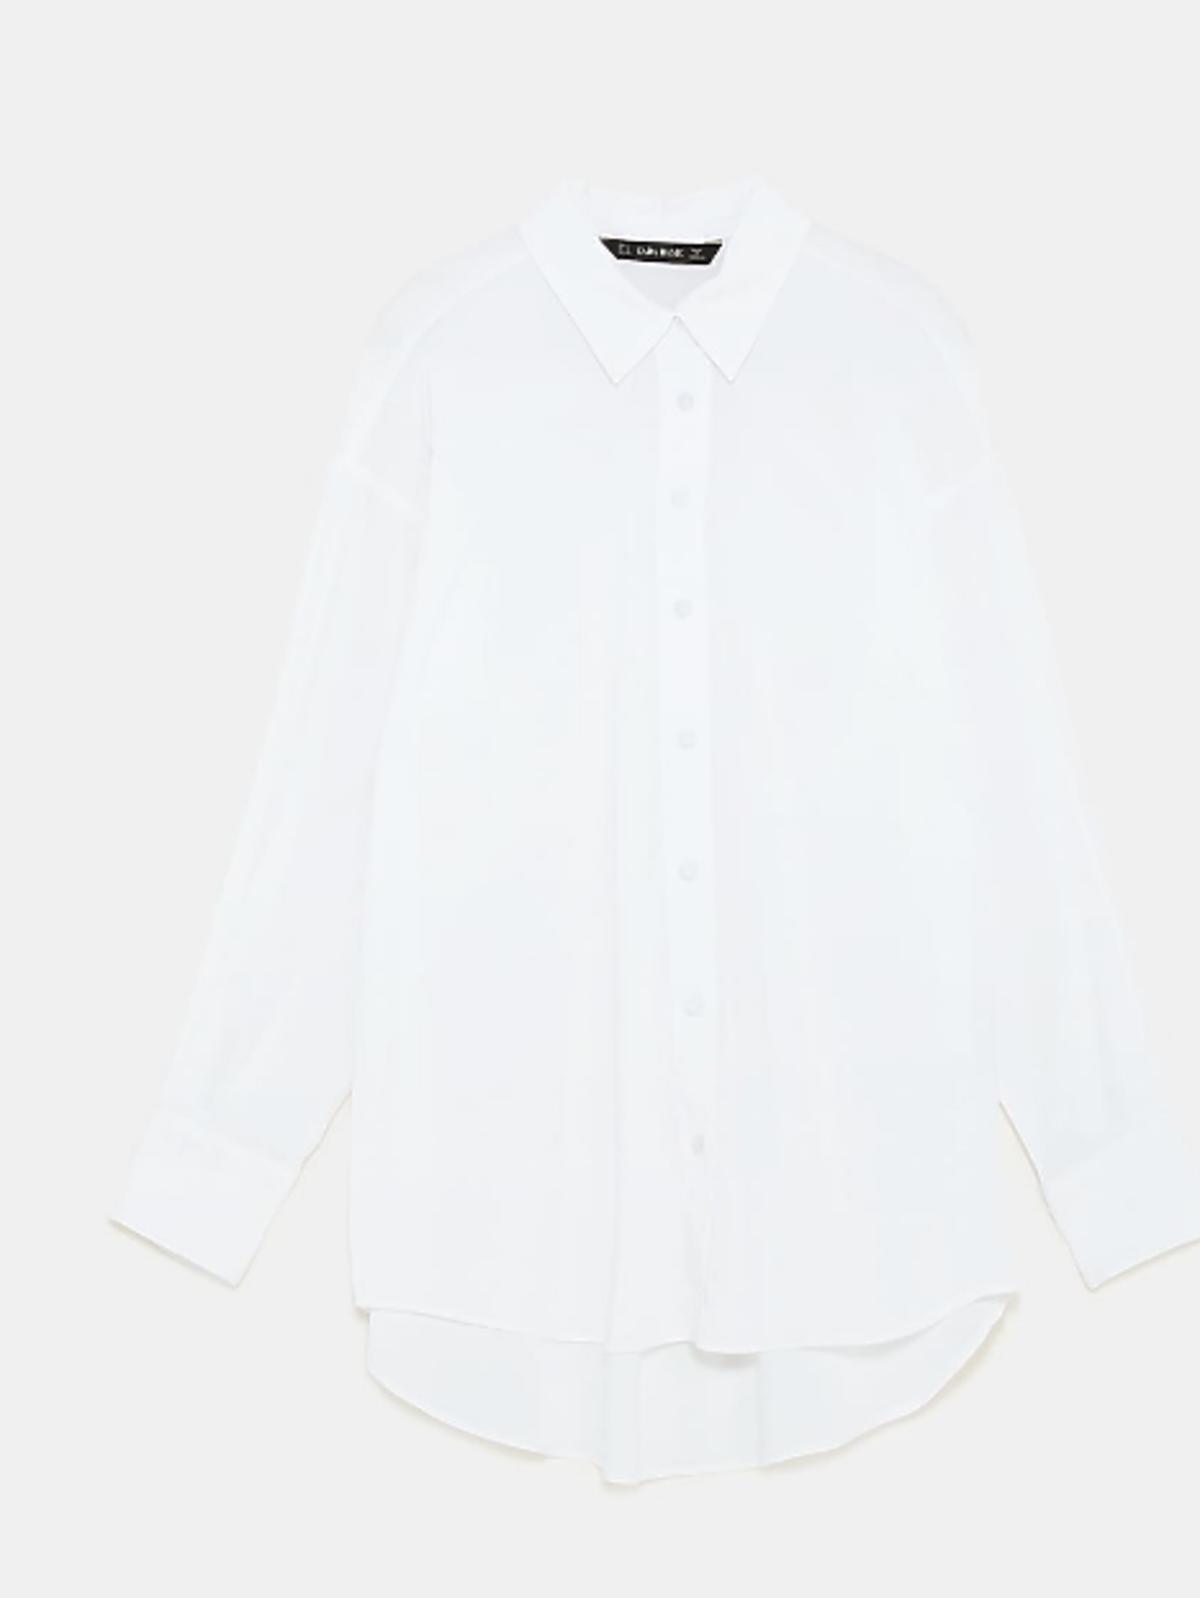 Zara, 199.90